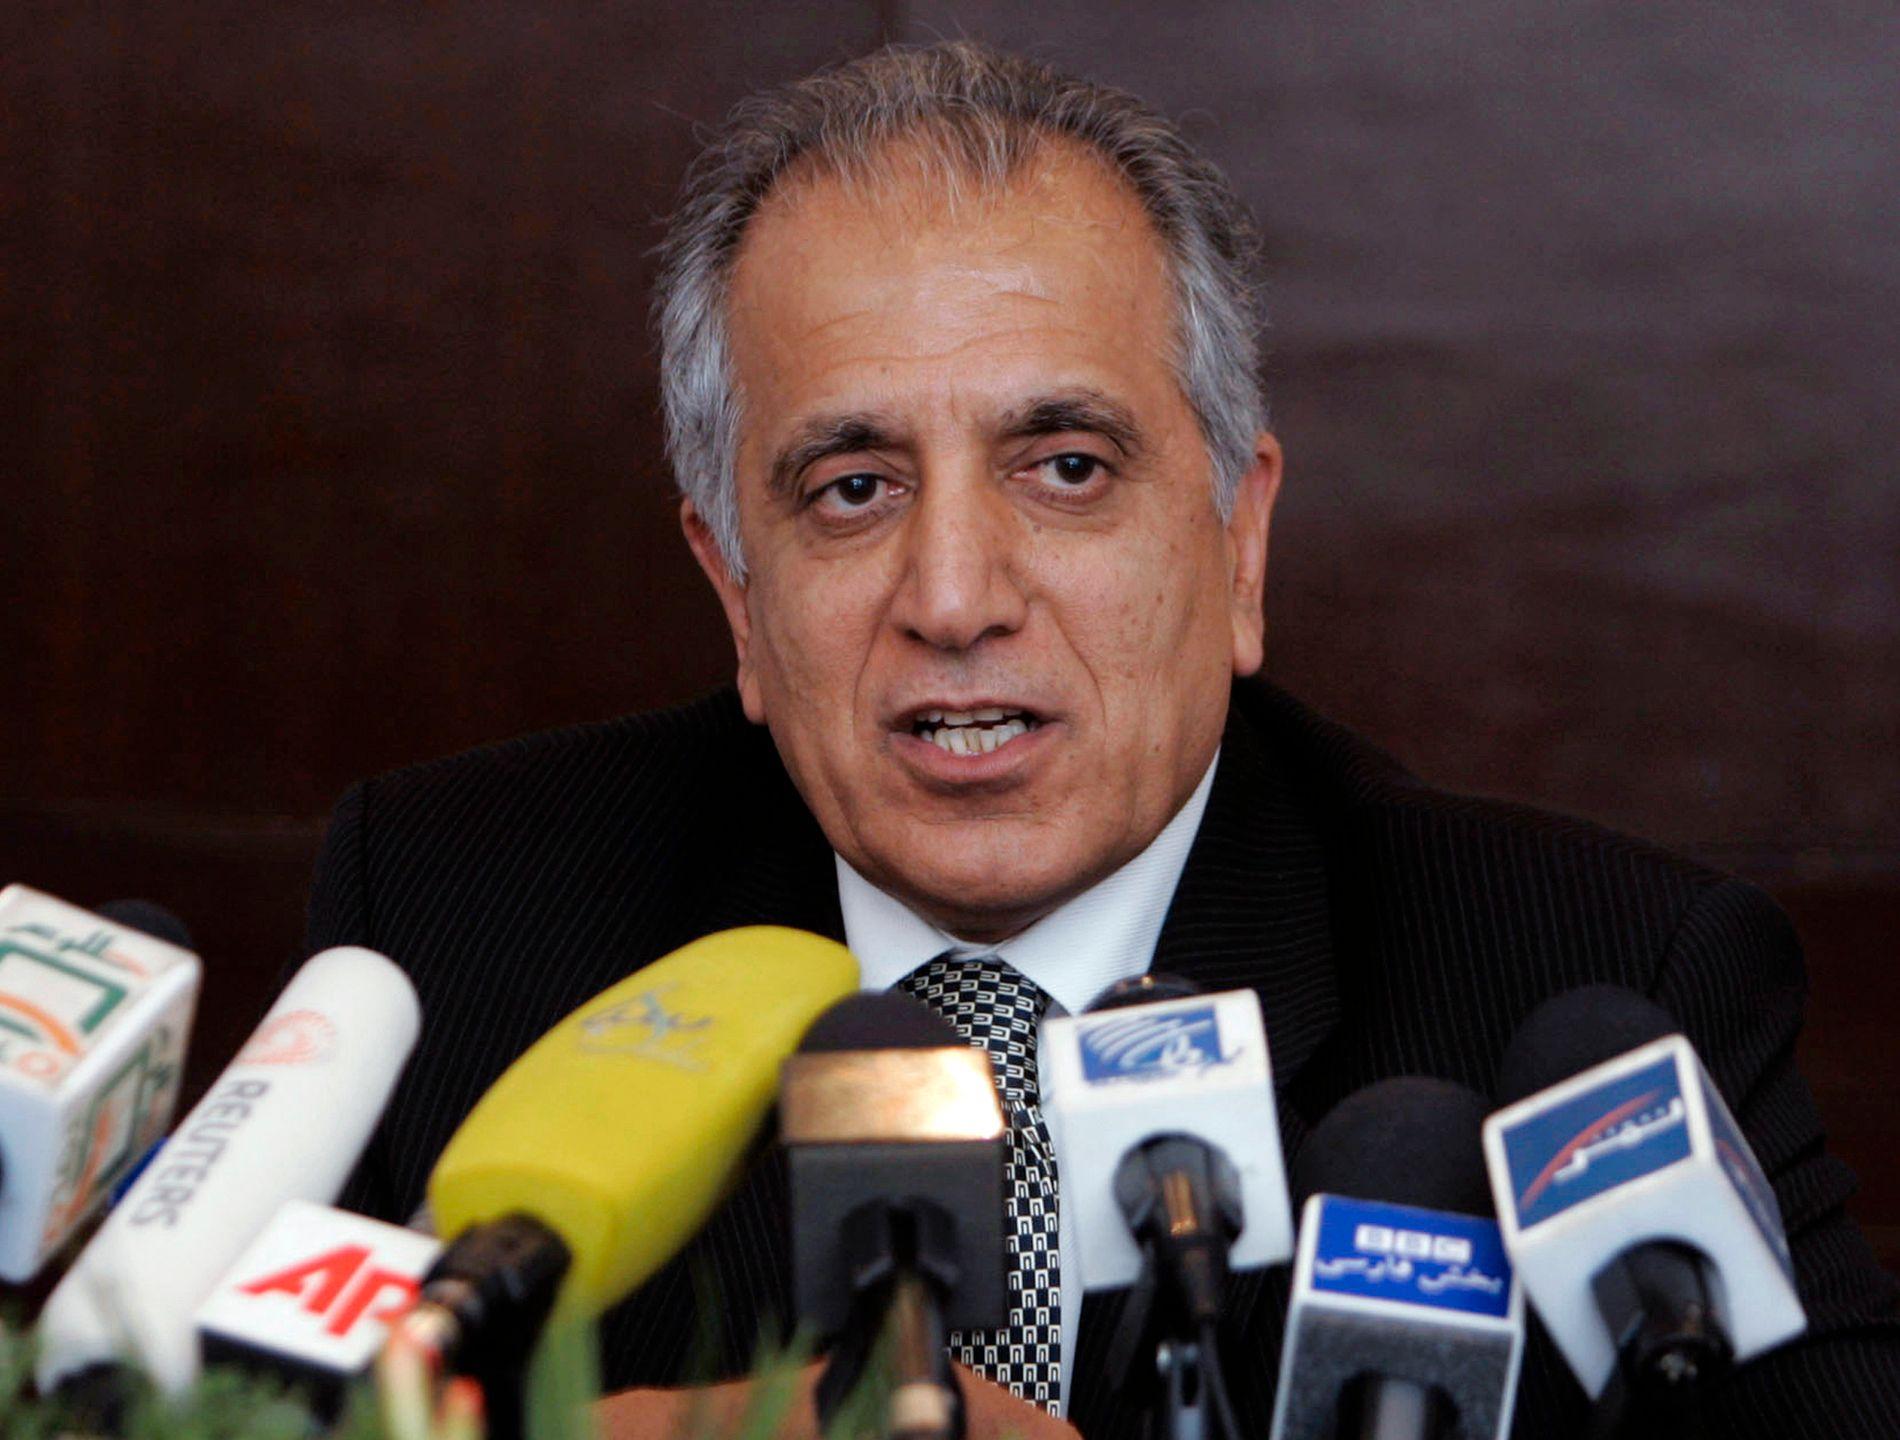 FORHANDLER: Zalmay Khalilzad har ledet den amerikanske delegasjonen under forhandlingene med Taliban.